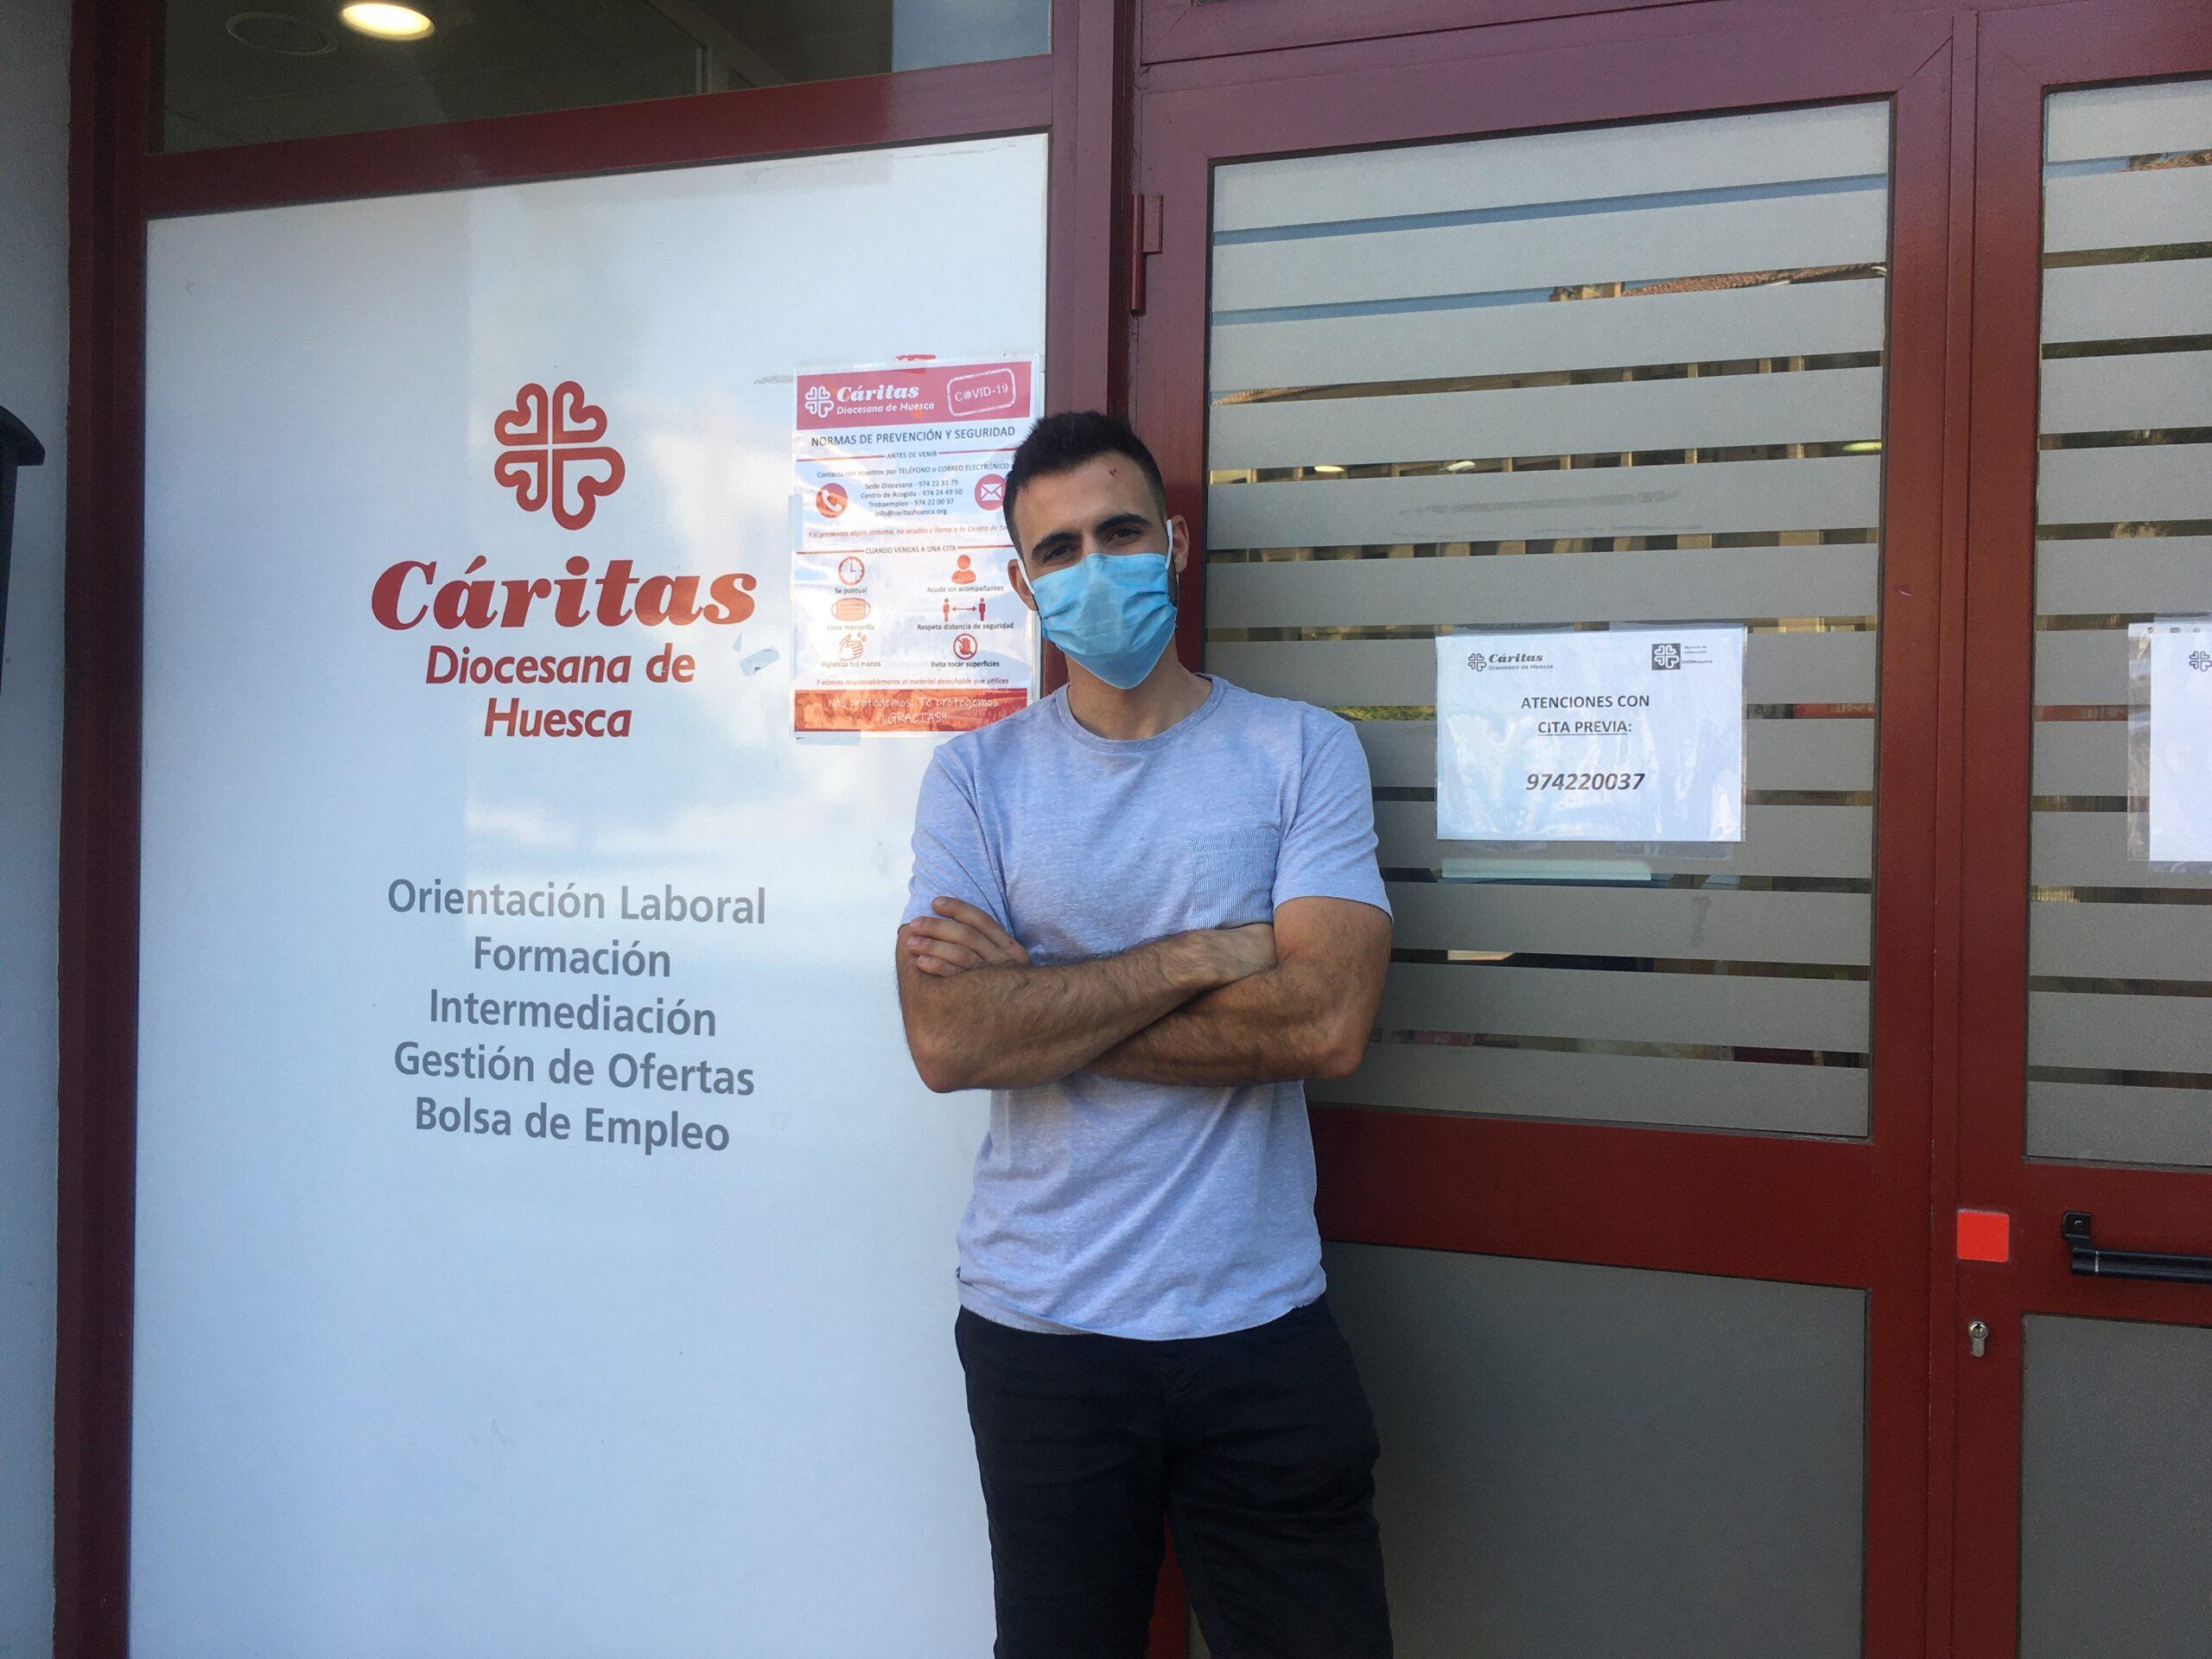 La Agencia de Colocación de Cáritas, nexo entre los trabajadores y las empresas